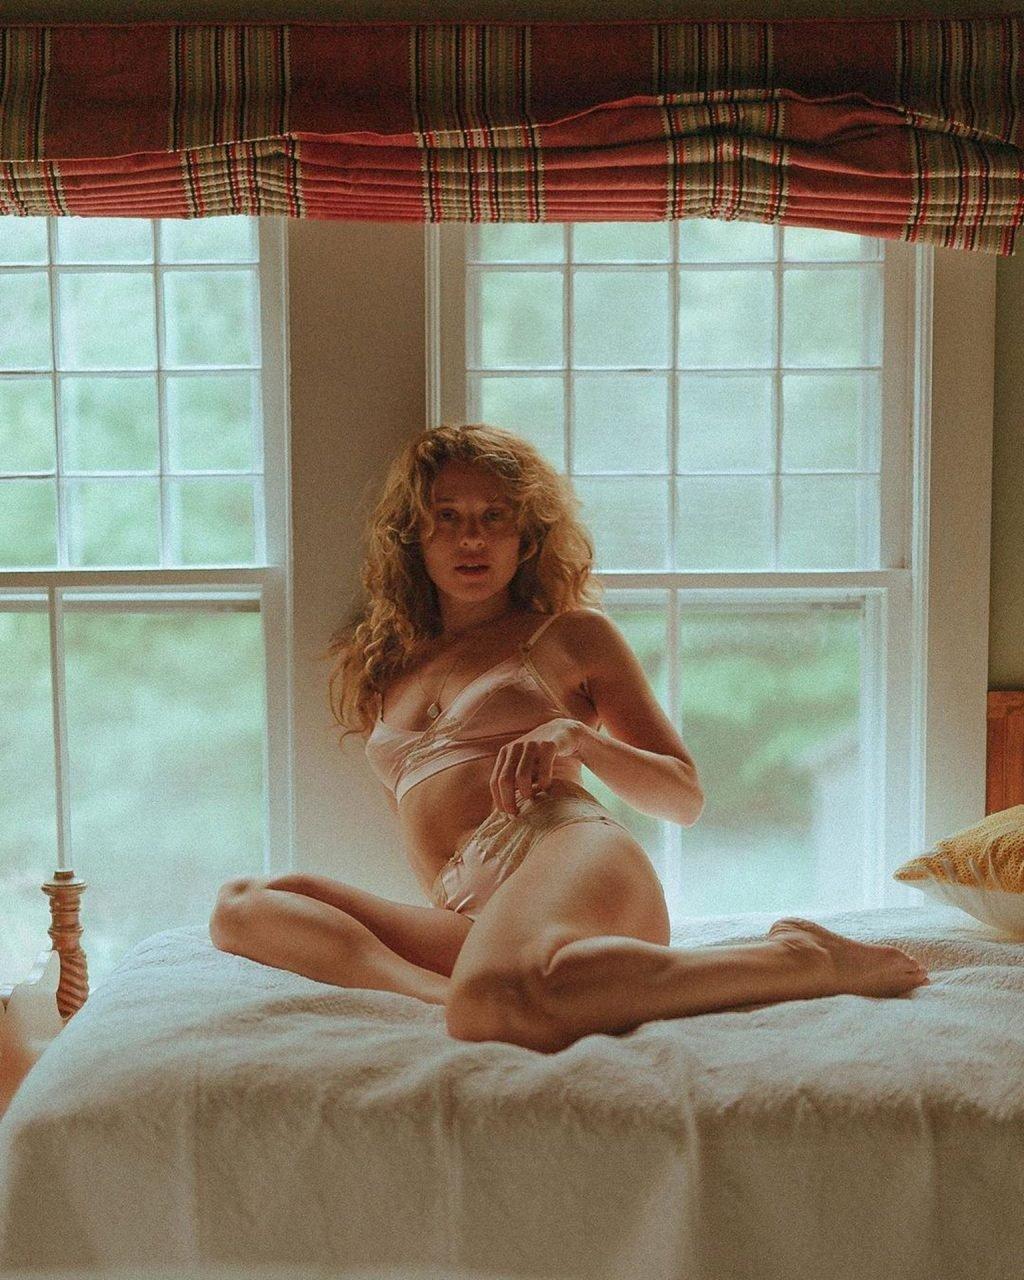 Margarita Levieva Nude & Sexy (16 Photos)